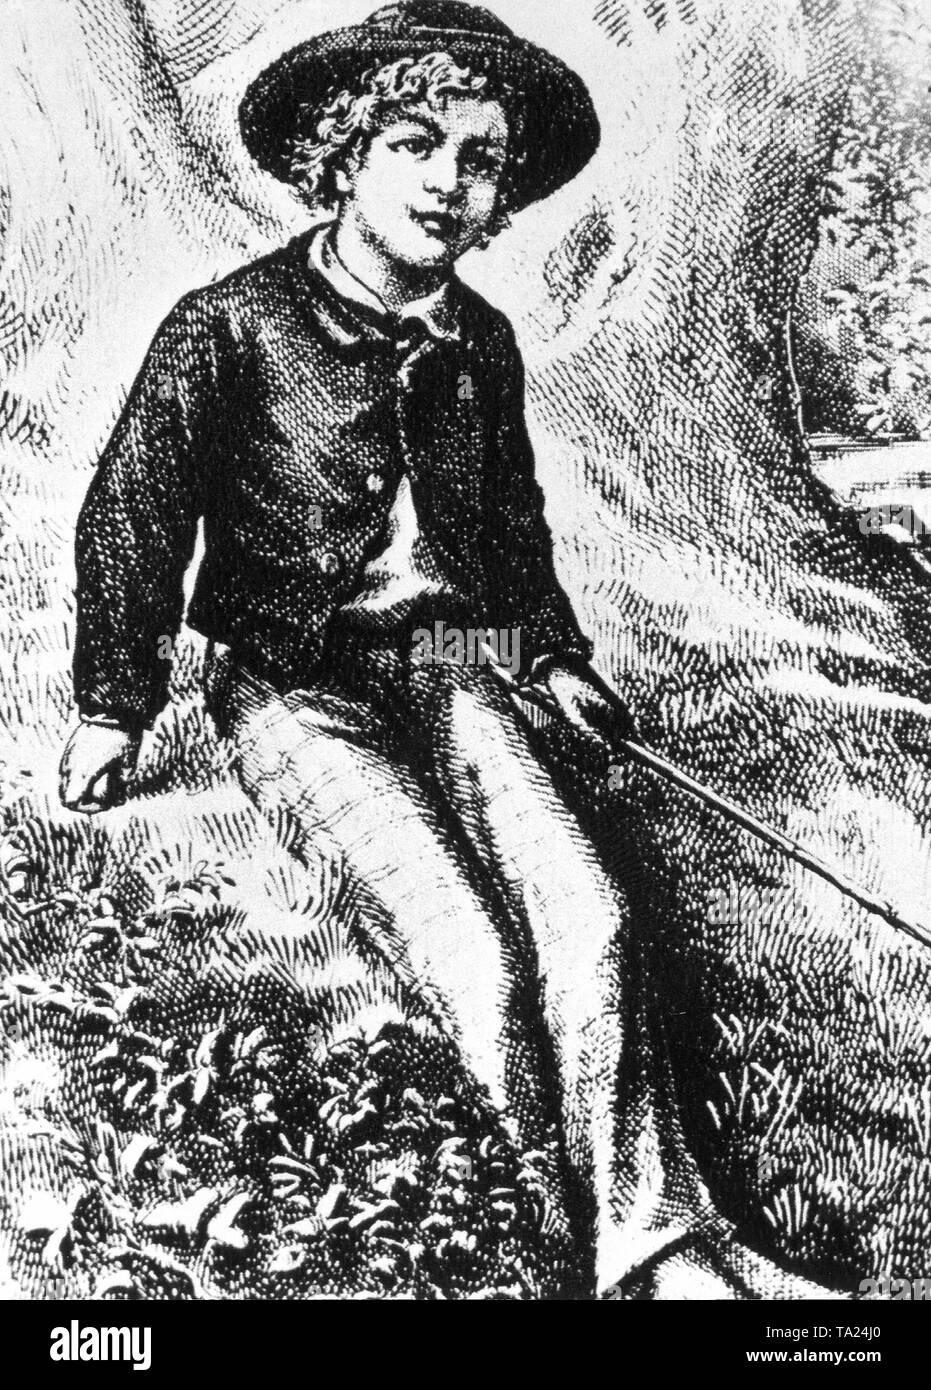 Fictional character Huckleberry Finn by Mark Twain (1835-1910). Stock Photo